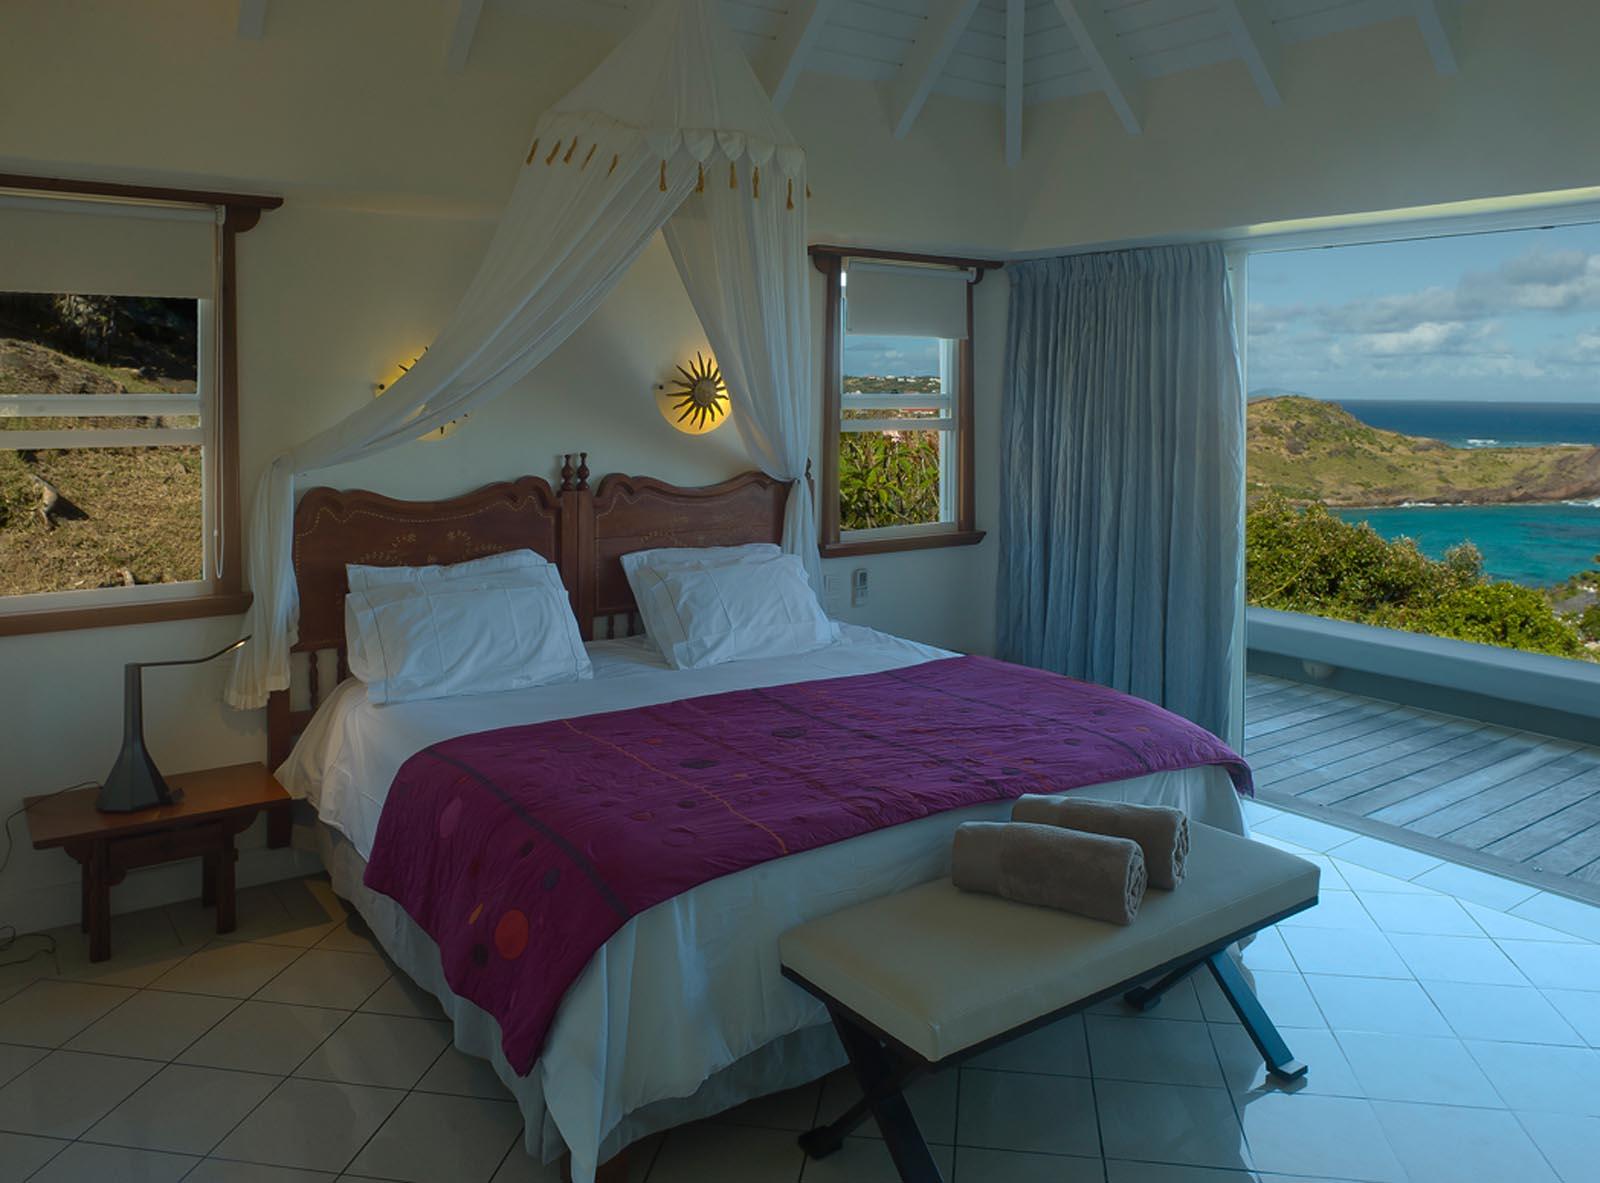 A spacious and comfortable bedroom at Villa Blue Lagoon, Petit Cul de Sac, St. Barts villa rentals.